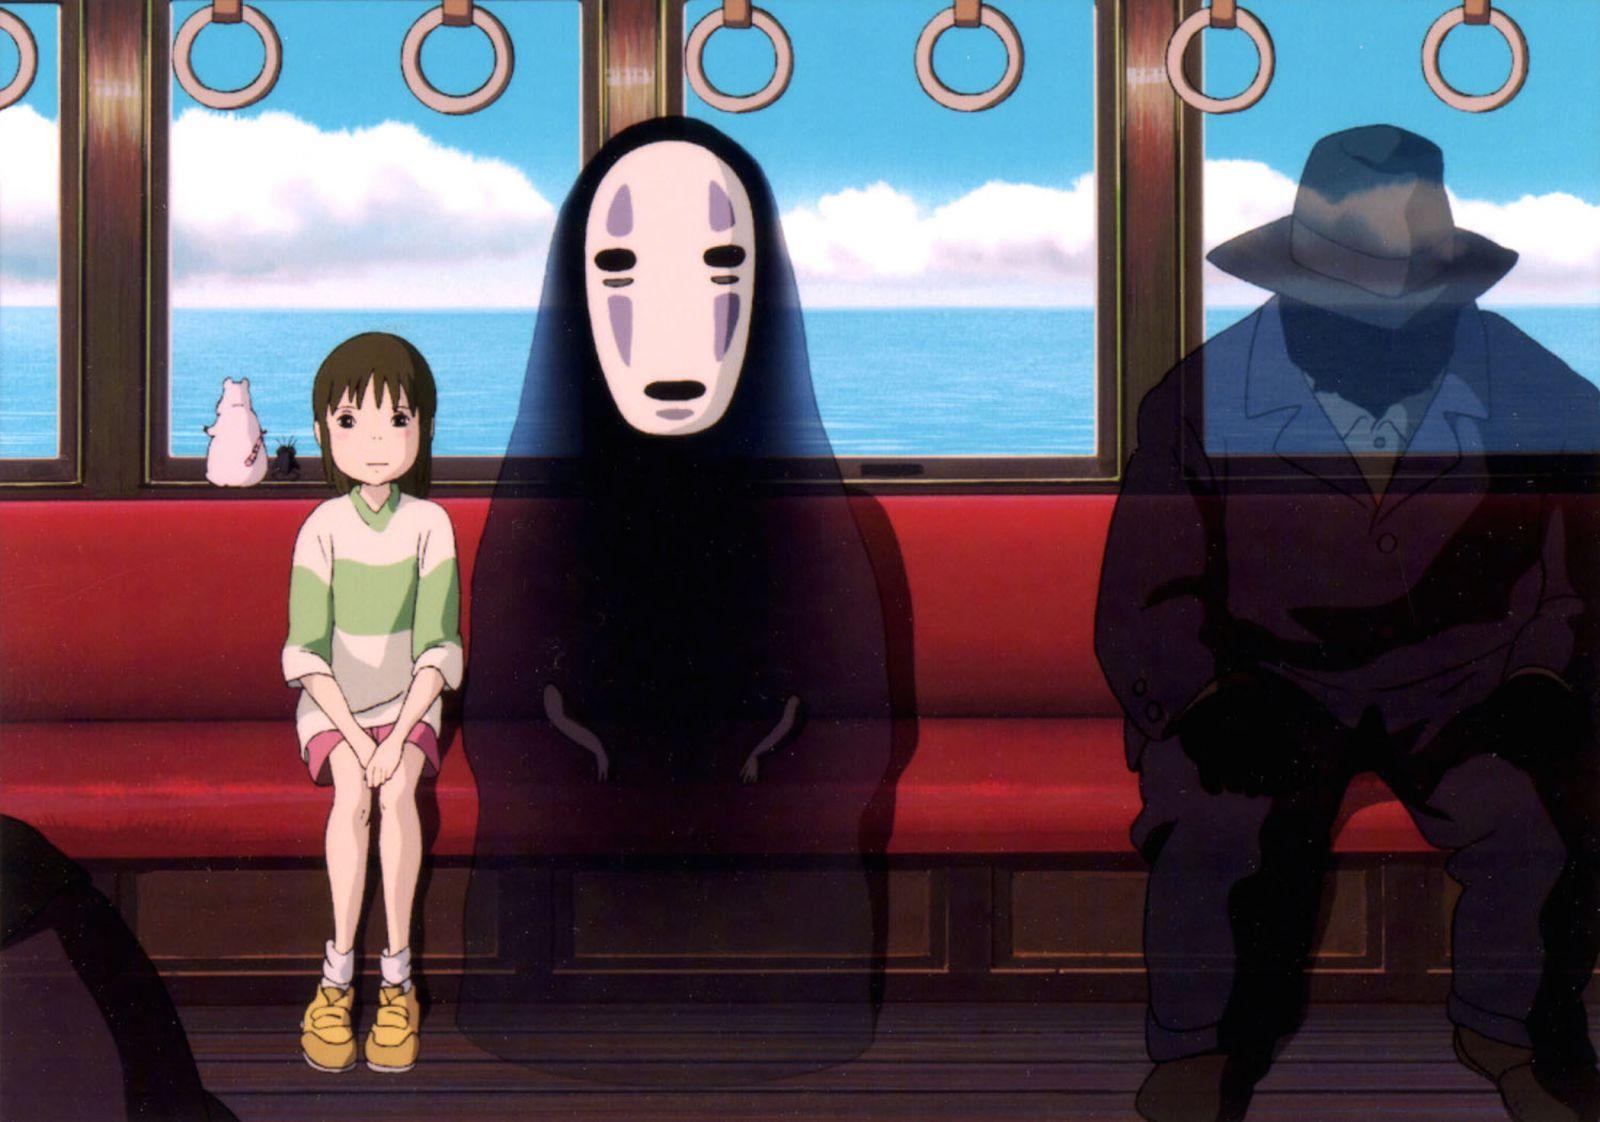 Studio Ghibli pracuje naddwoma nowymi filmami. Jeden znich stworzy Hayao Miyazaki